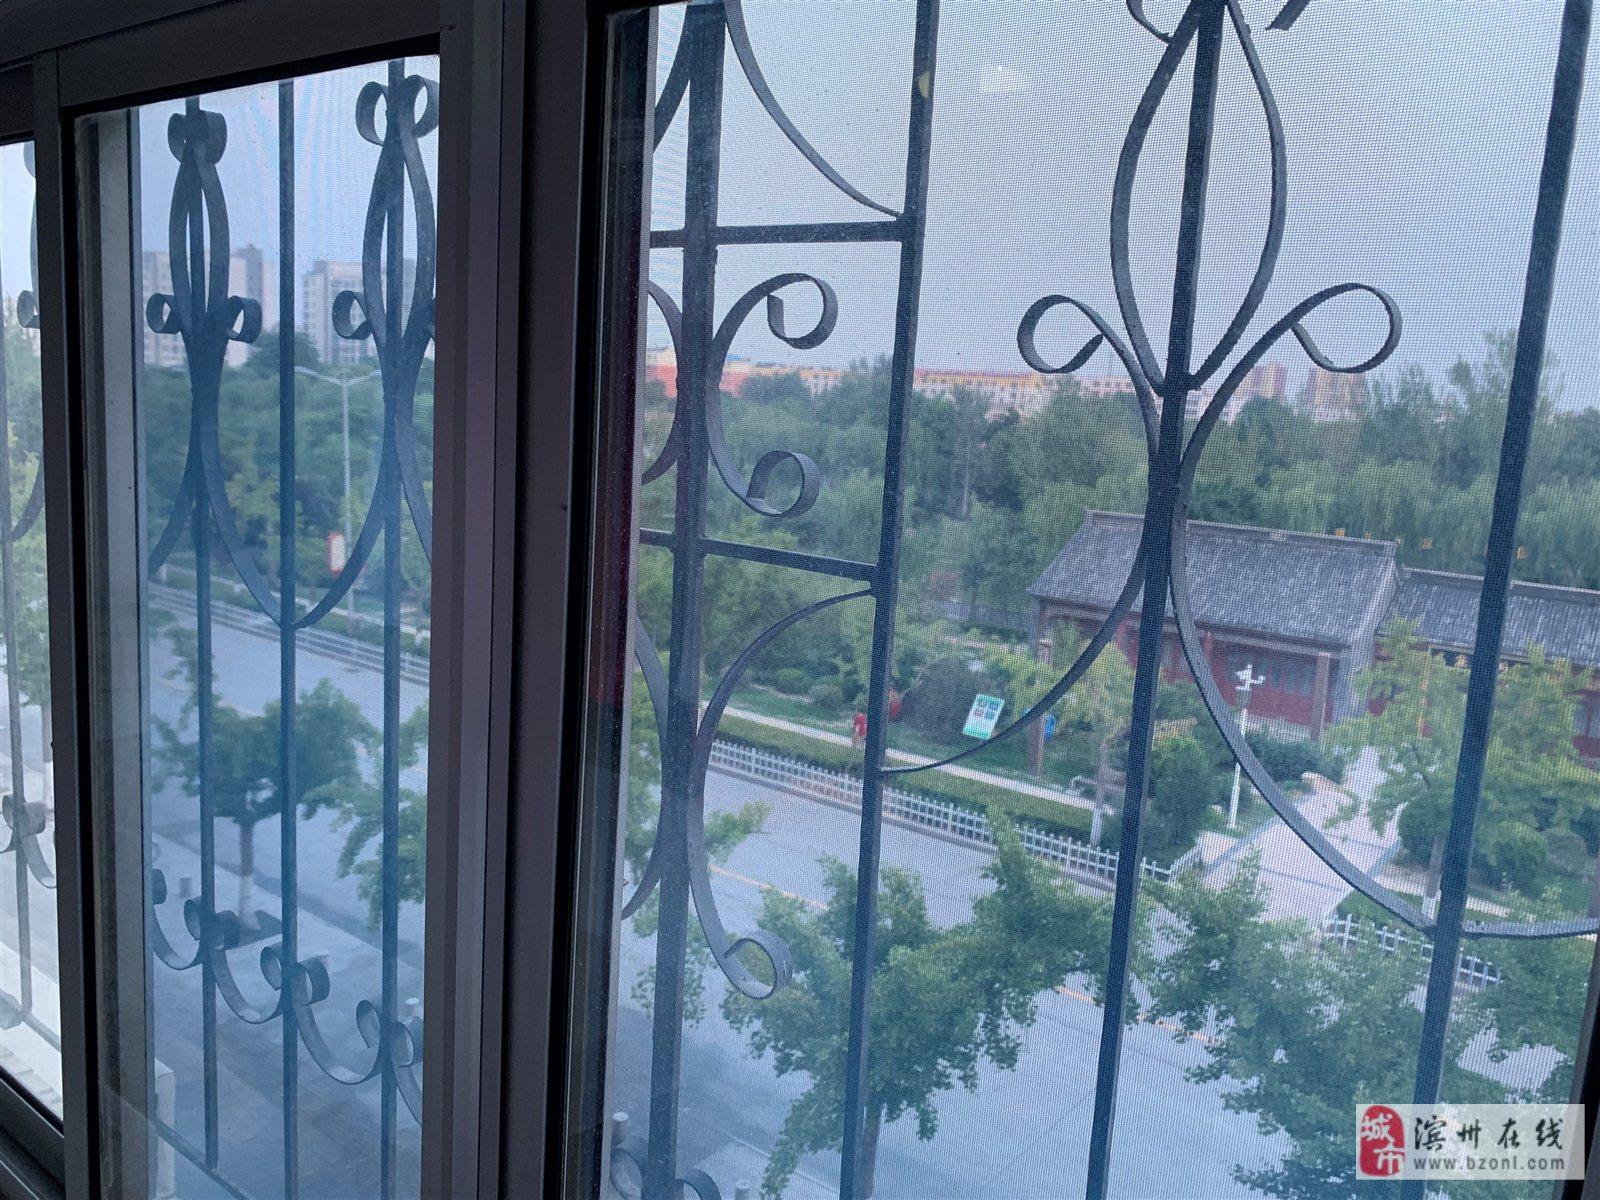 建安小區有房產證的3室2廳120平米55萬元全款可議價